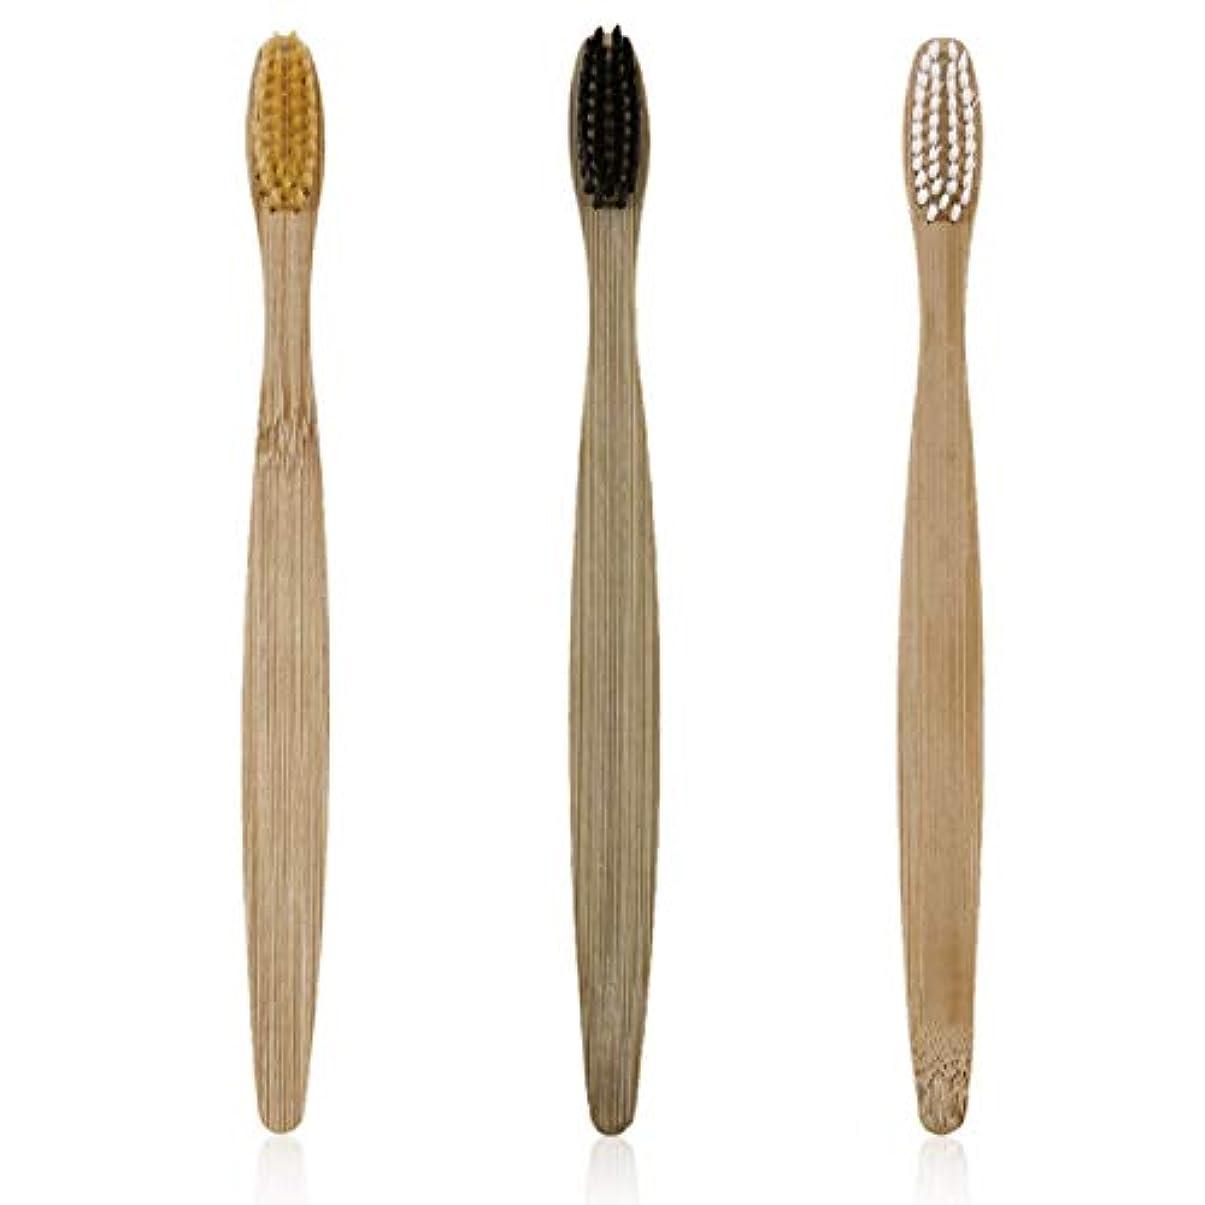 サイト合唱団セラフ3pcs / set環境に優しい木製の歯ブラシの竹の歯ブラシの柔らかいタケ繊維の木製のハンドルの低炭素の環境に優しい(色:黒/白/黄色)